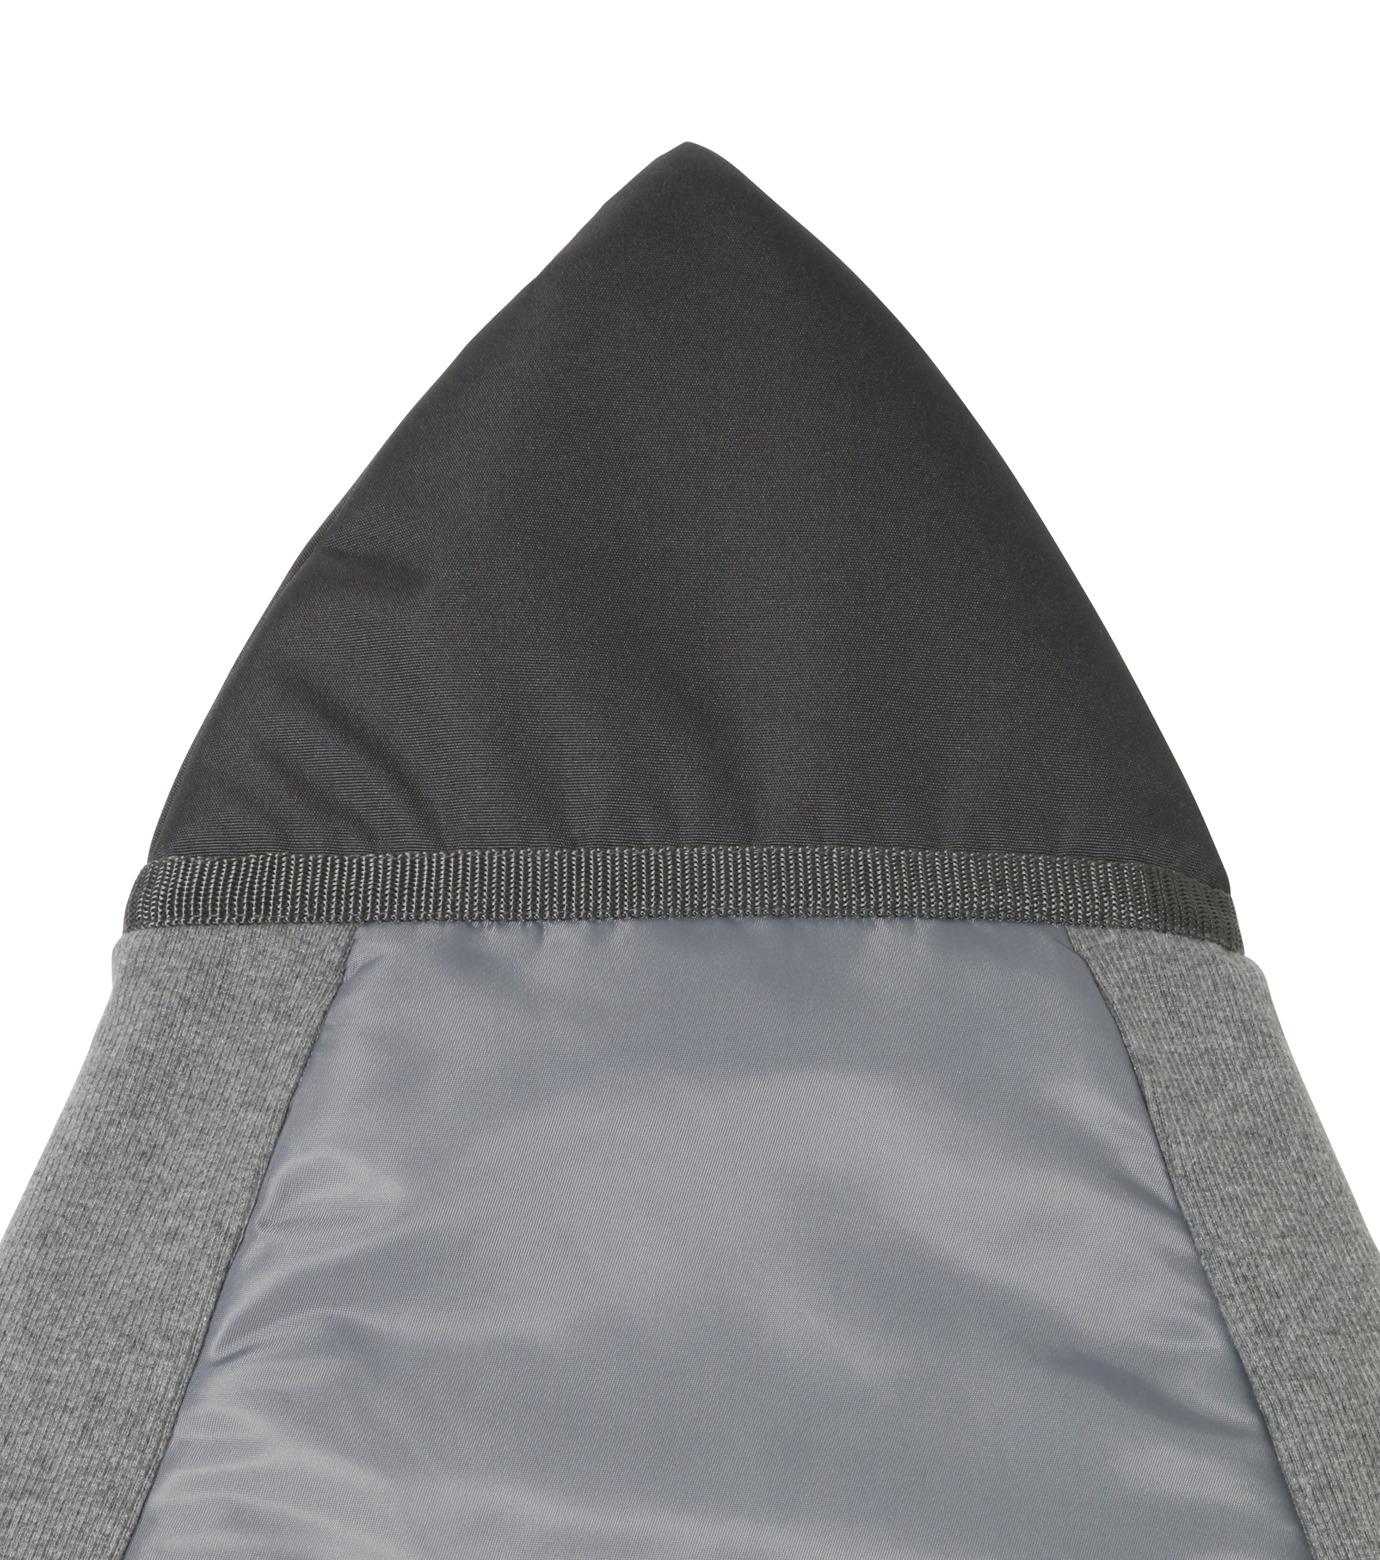 HEY YOU !(ヘイユウ)のSurfboard Jacket Long-GRAY(サーフ/OUTDOOR/surf/OUTDOOR)-18S90012-11 拡大詳細画像2